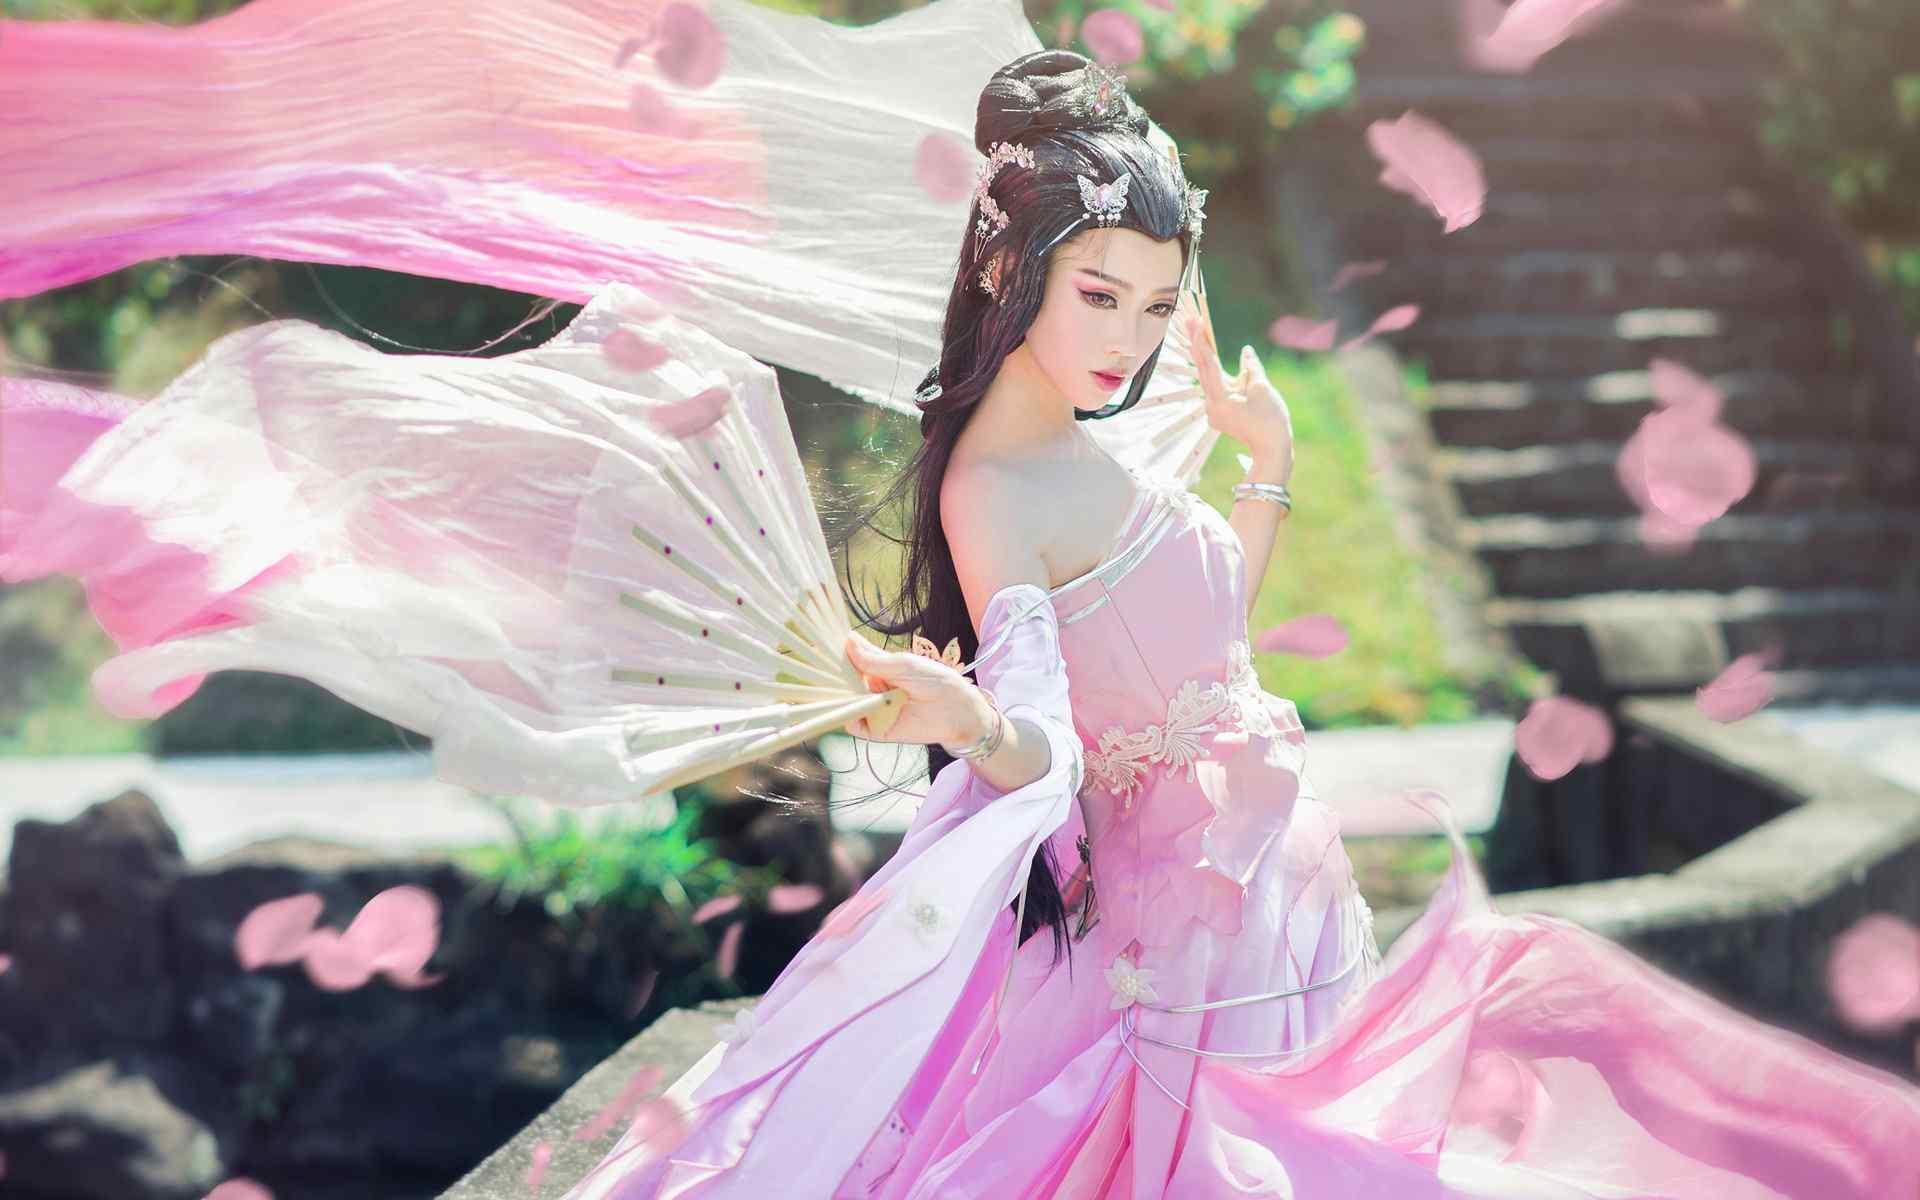 壁纸 人物 美女壁纸 > 古风美女唯美气质高清合集壁纸三  古风美女